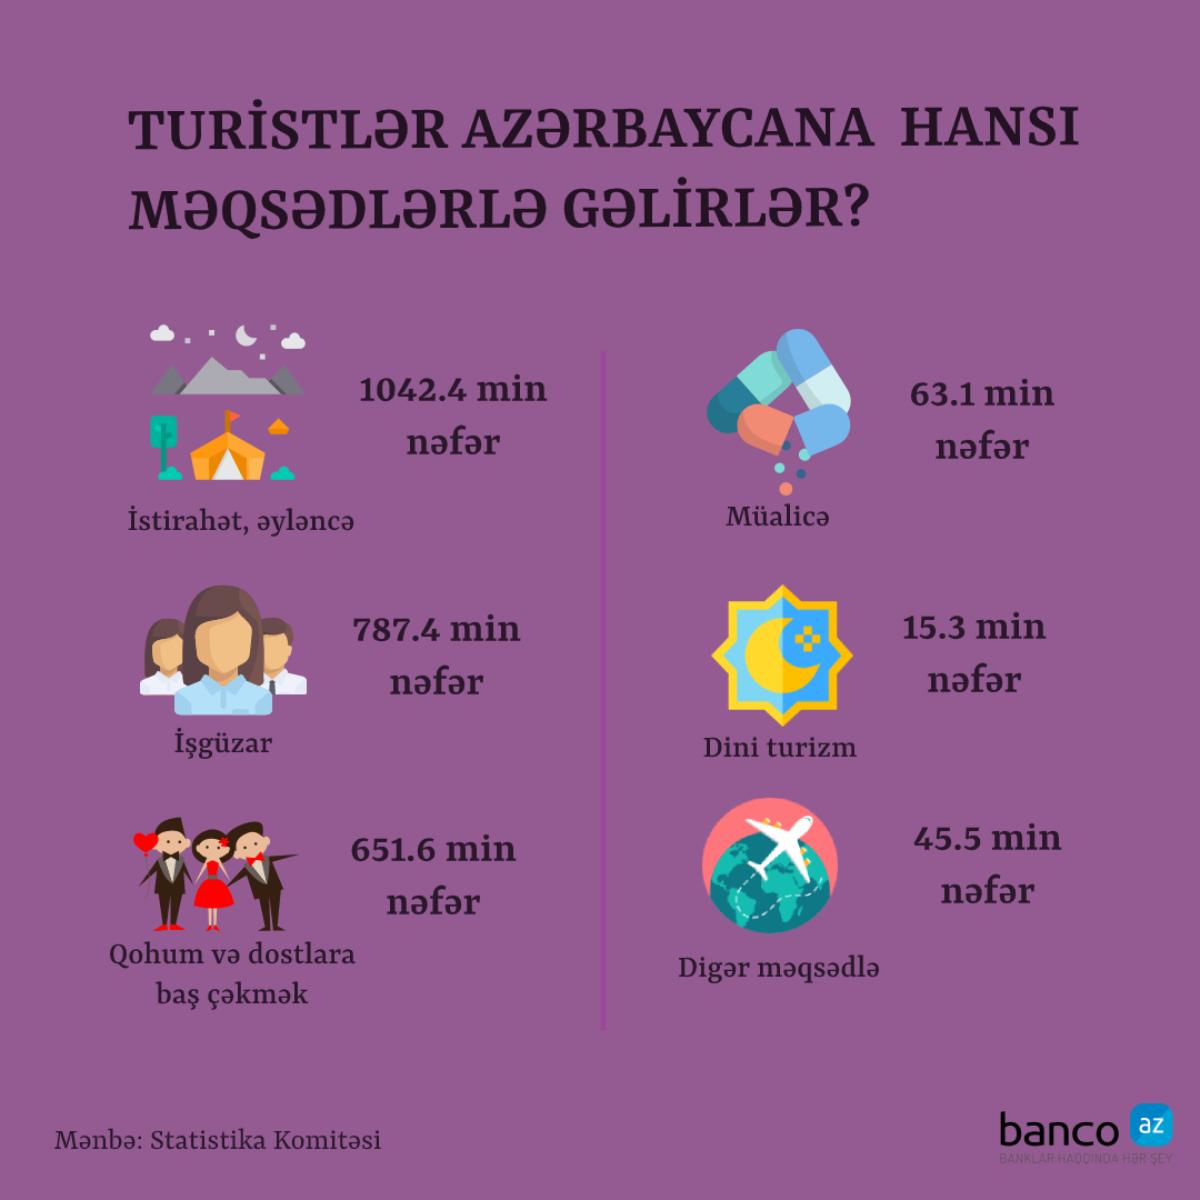 Turistlər ölkəmizə daha çox hansı məqsədlərlə gəlir?